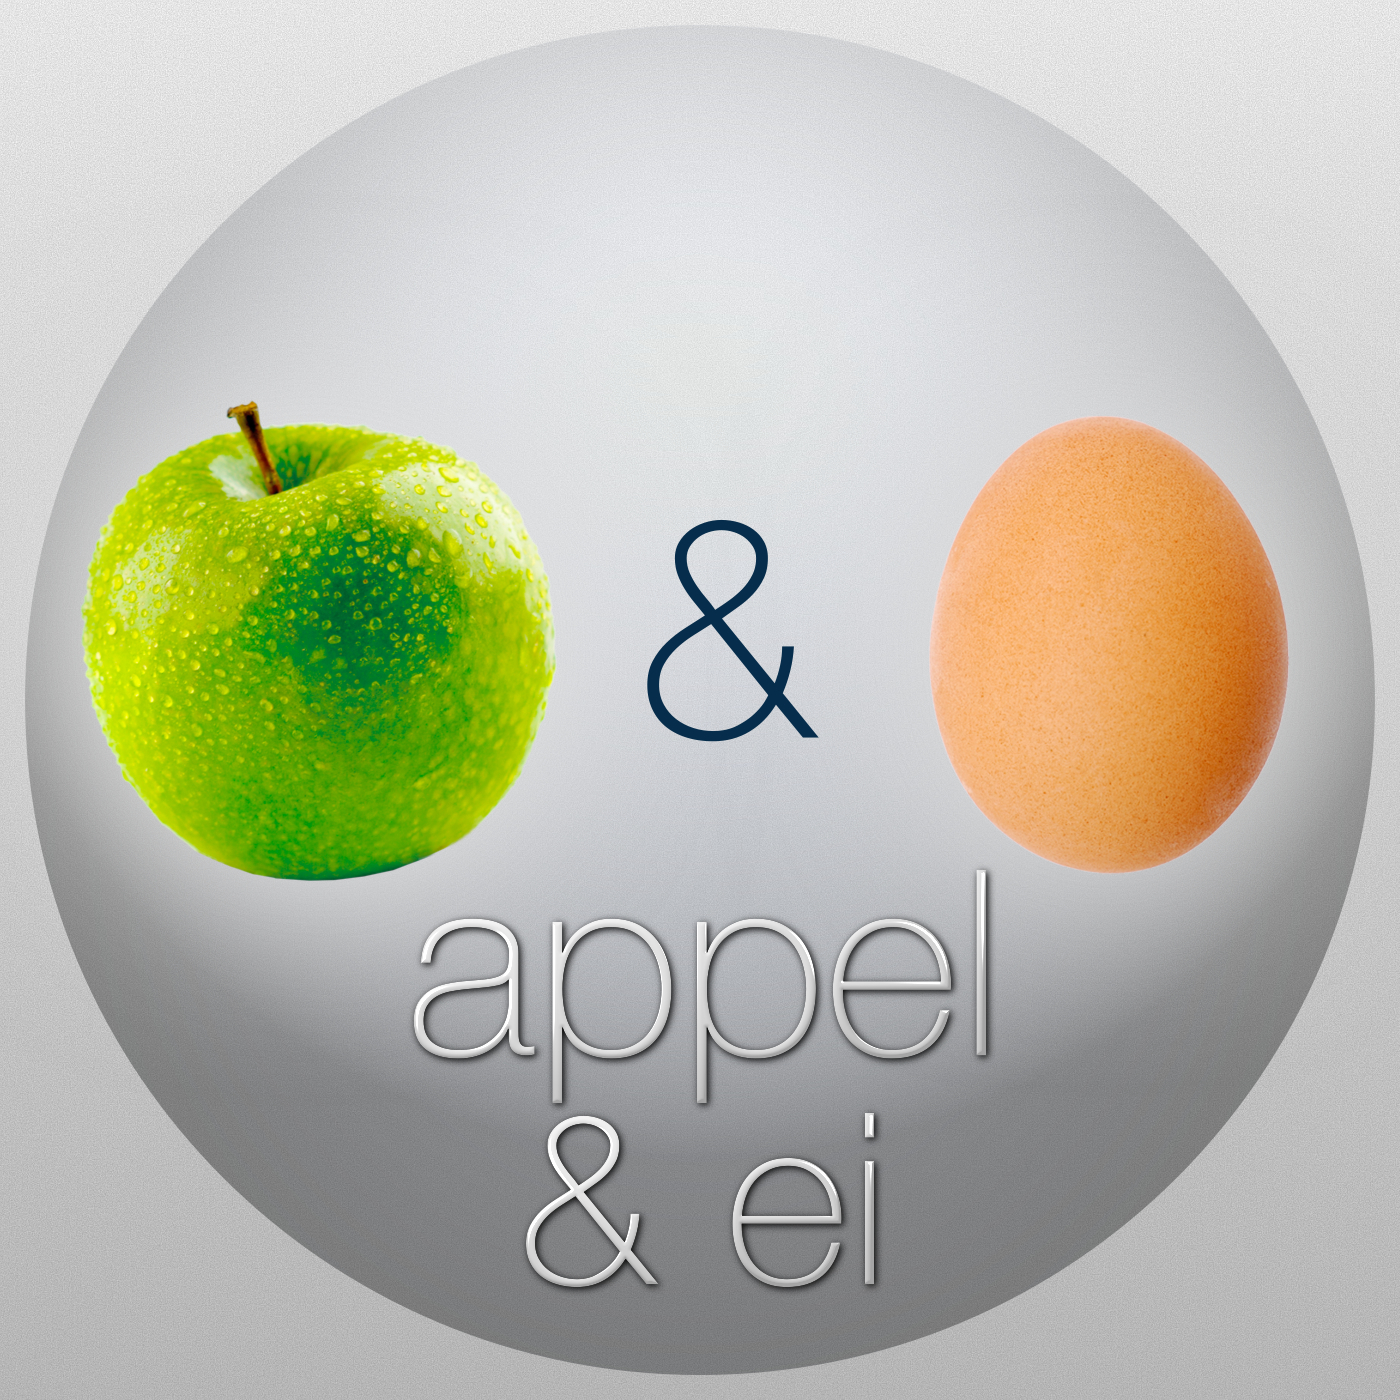 Appel & Ei - heinkedigital.com